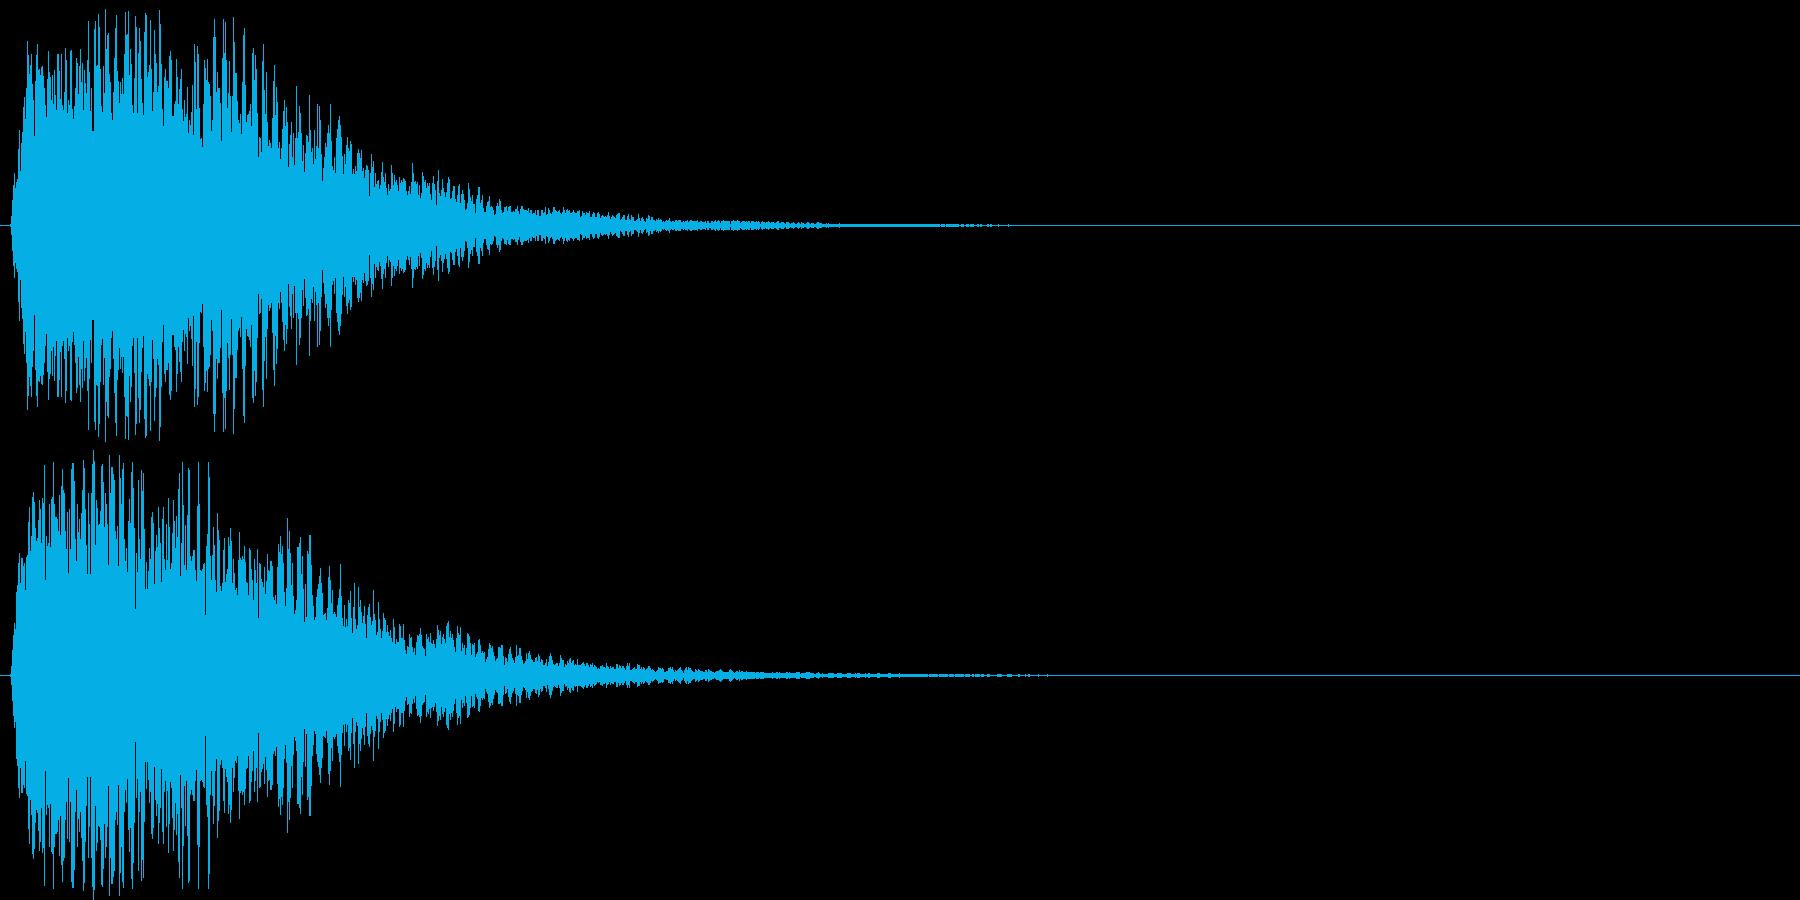 覚醒・起動「ブーン」#1の再生済みの波形